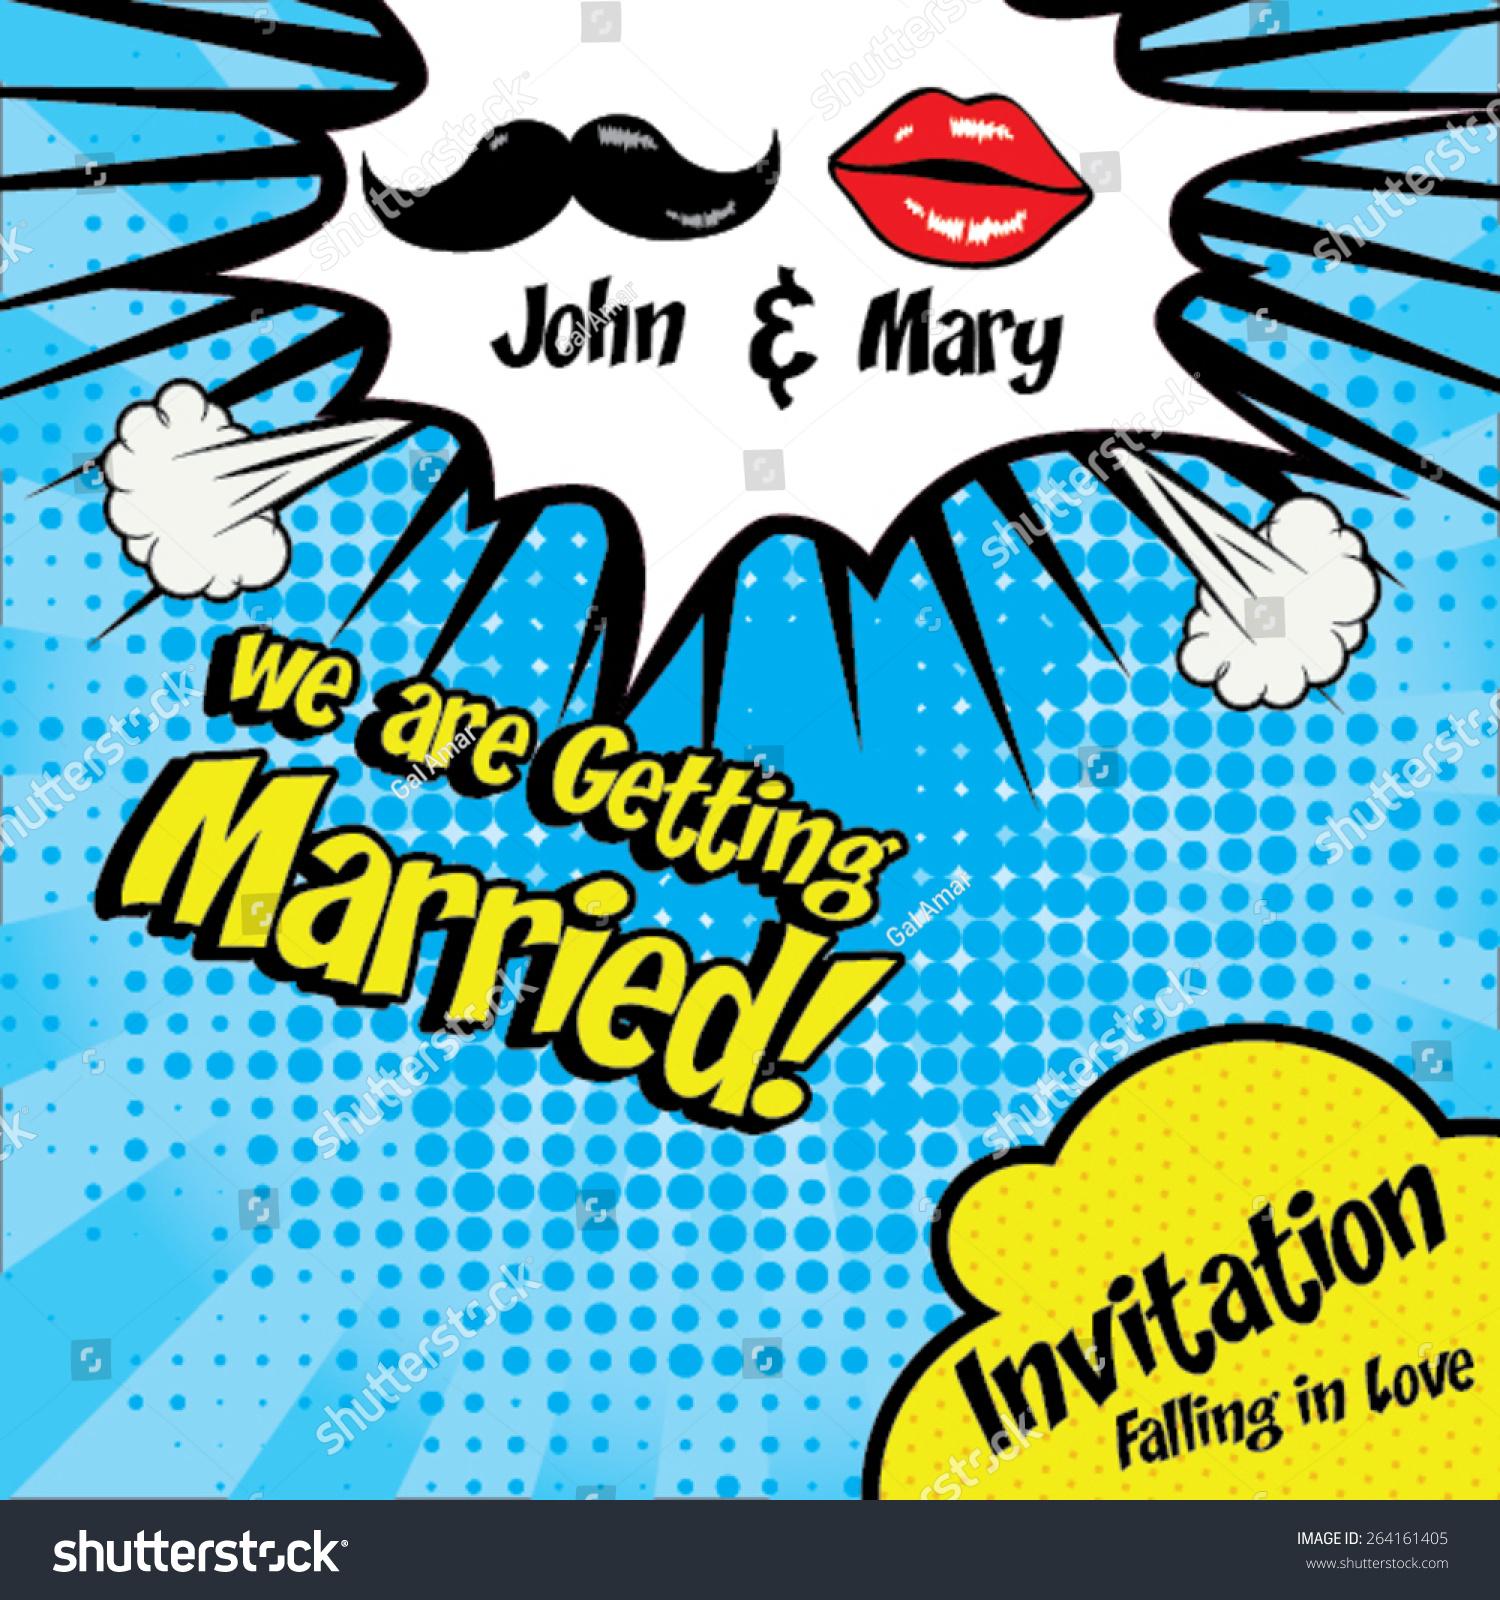 We Getting Married Pop Art Wedding Stock Vector 264161405 ...